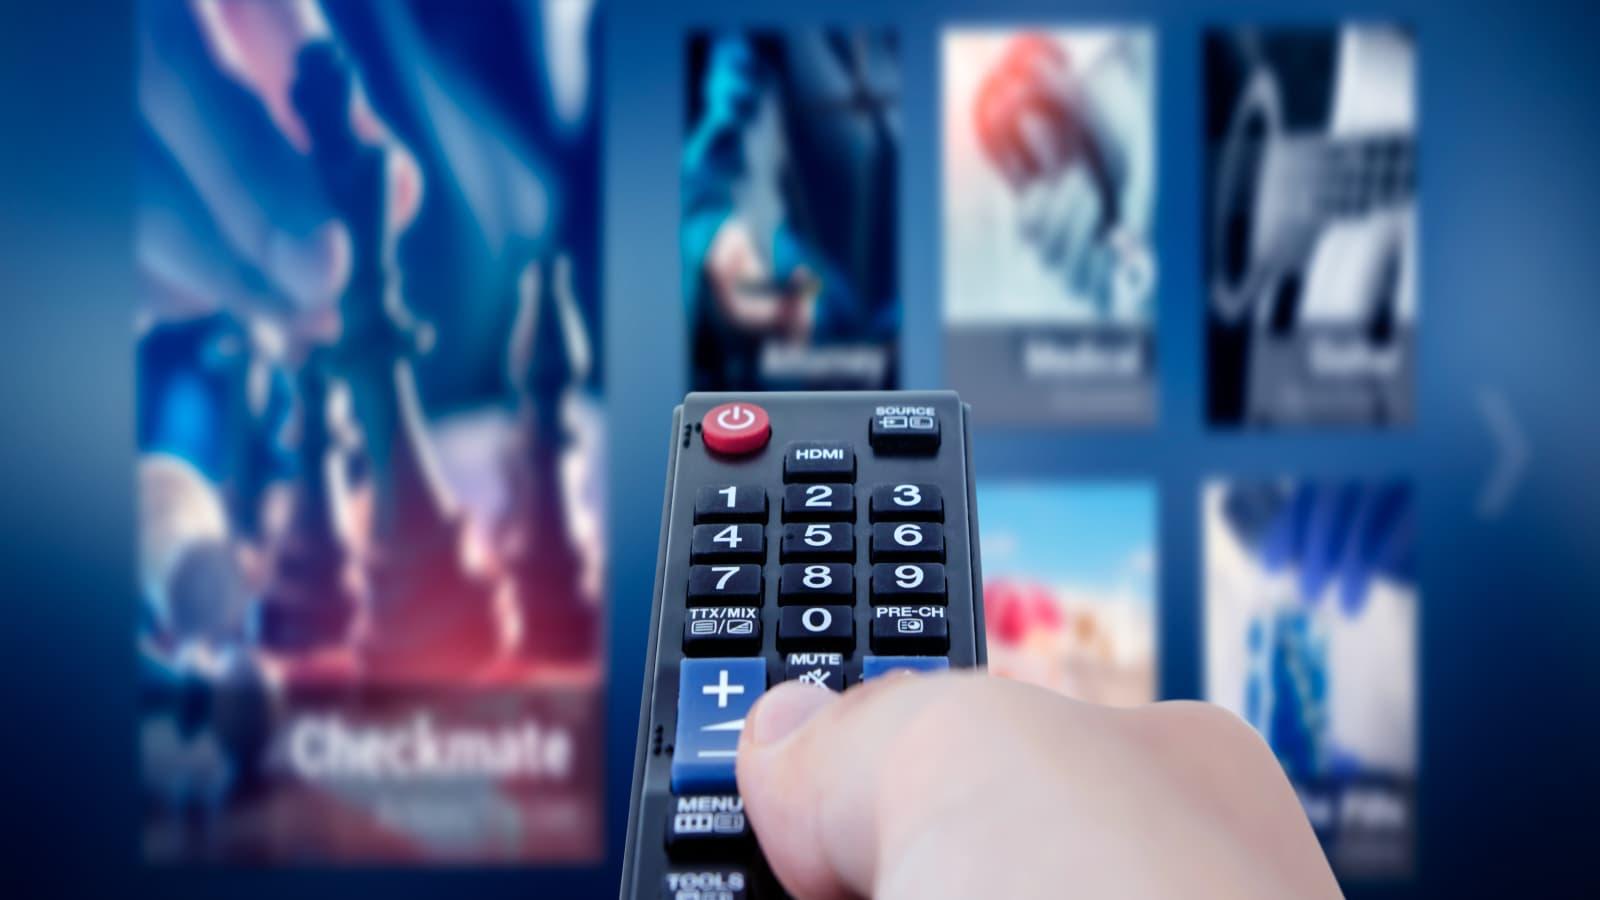 Le cinéma chez vous, avec une large sélection VOD sur la box SFR